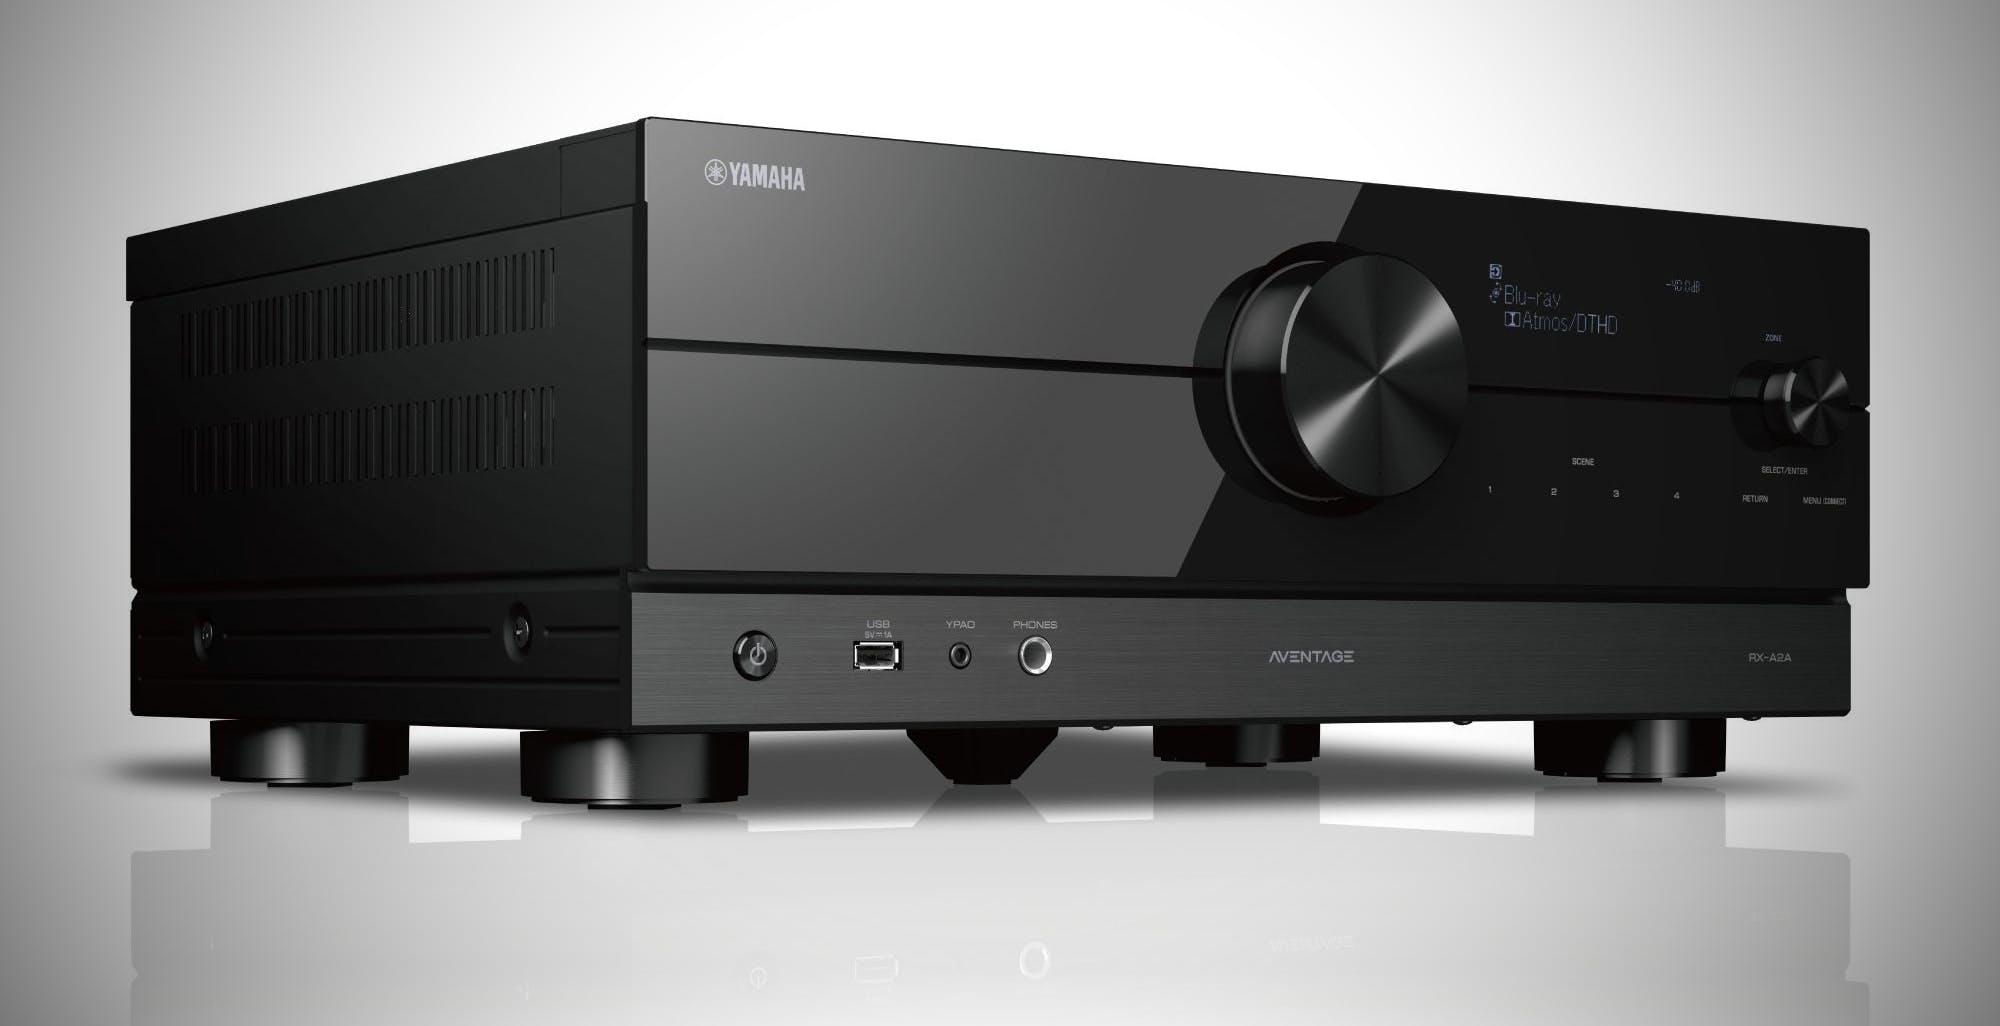 Yamaha rinnova la gamma di sintoampli Aventage, si parte dal nuovo RX-A2A con HDMI 2.1